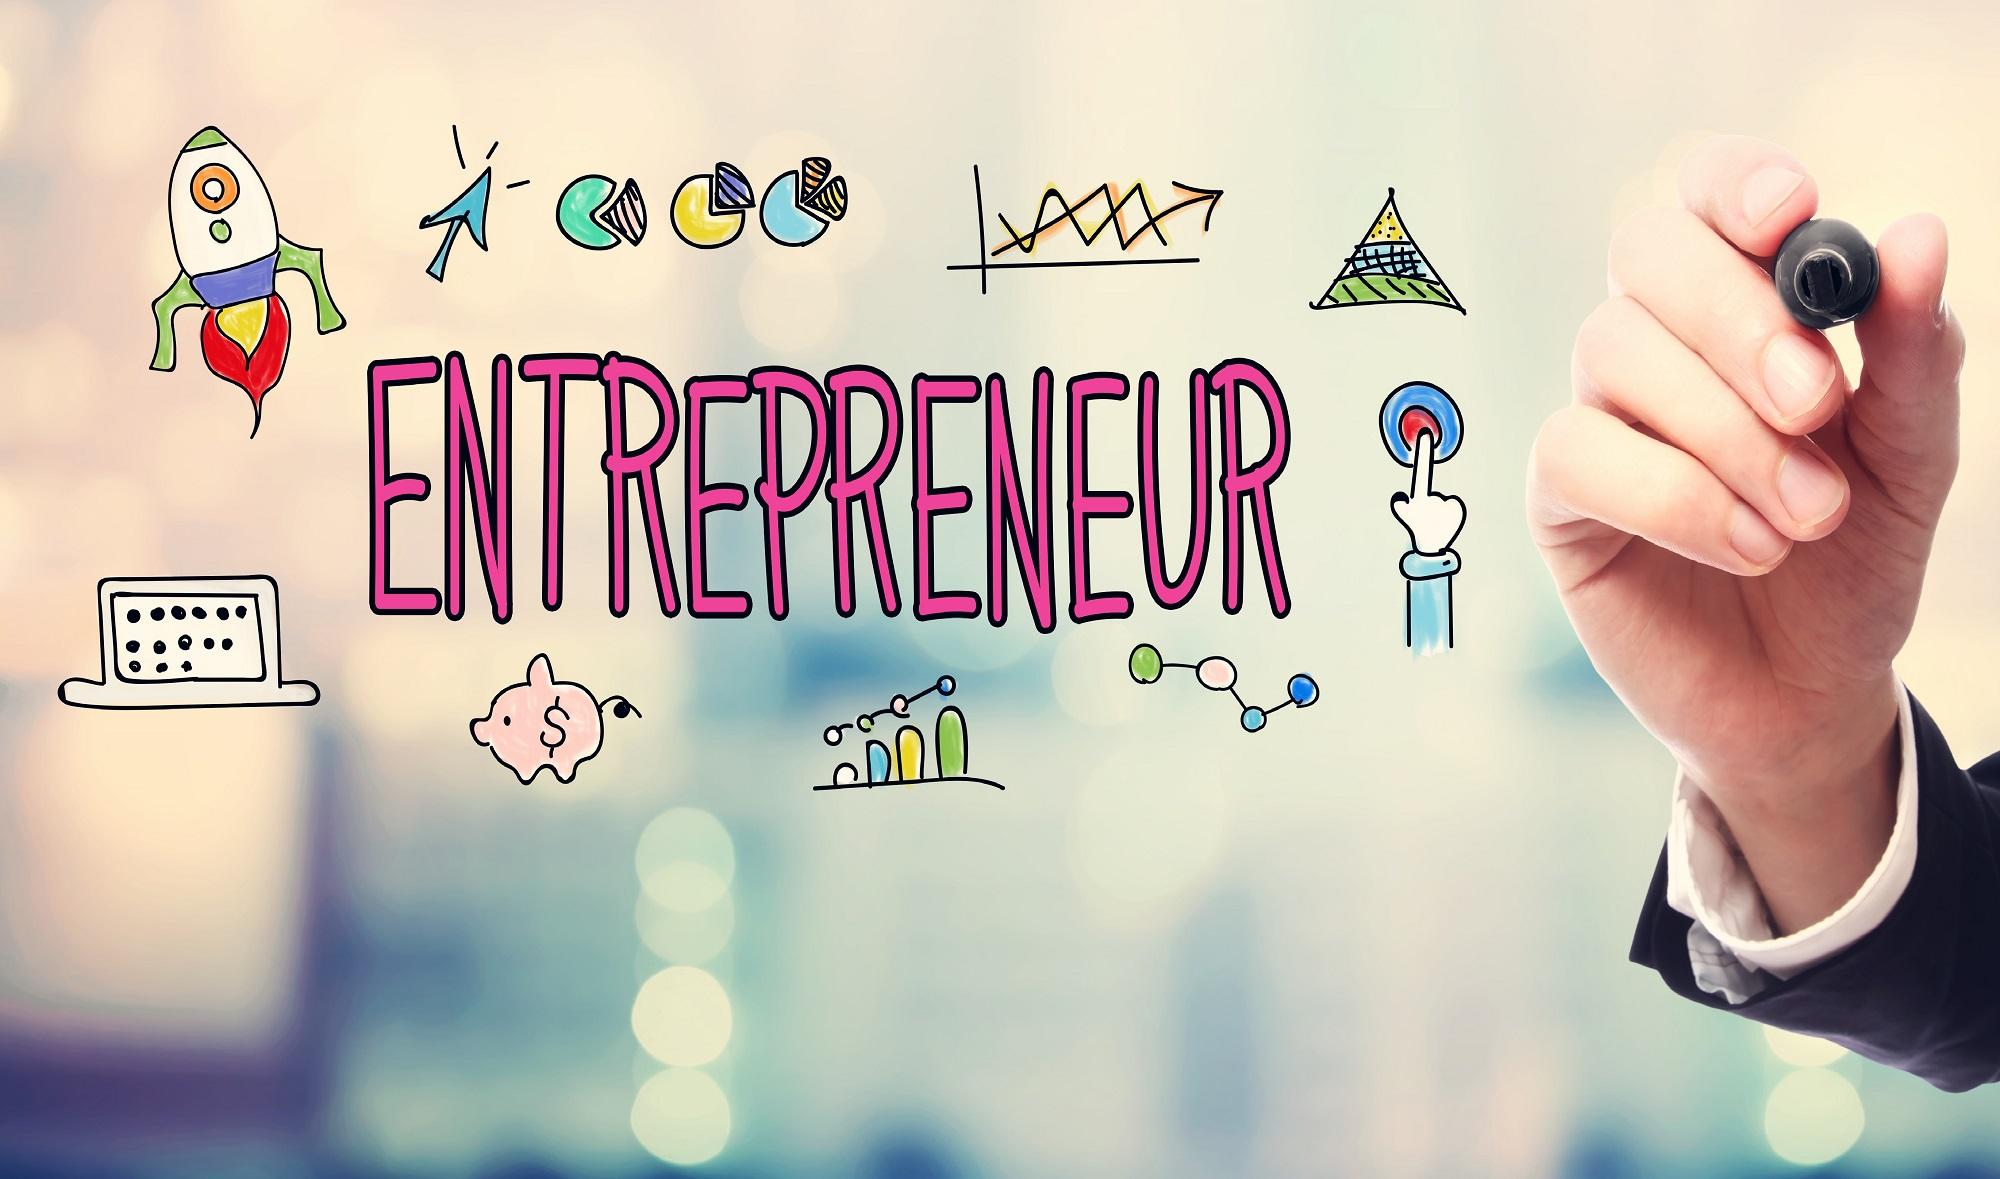 Strategic Business Plans For Entrepreneurs